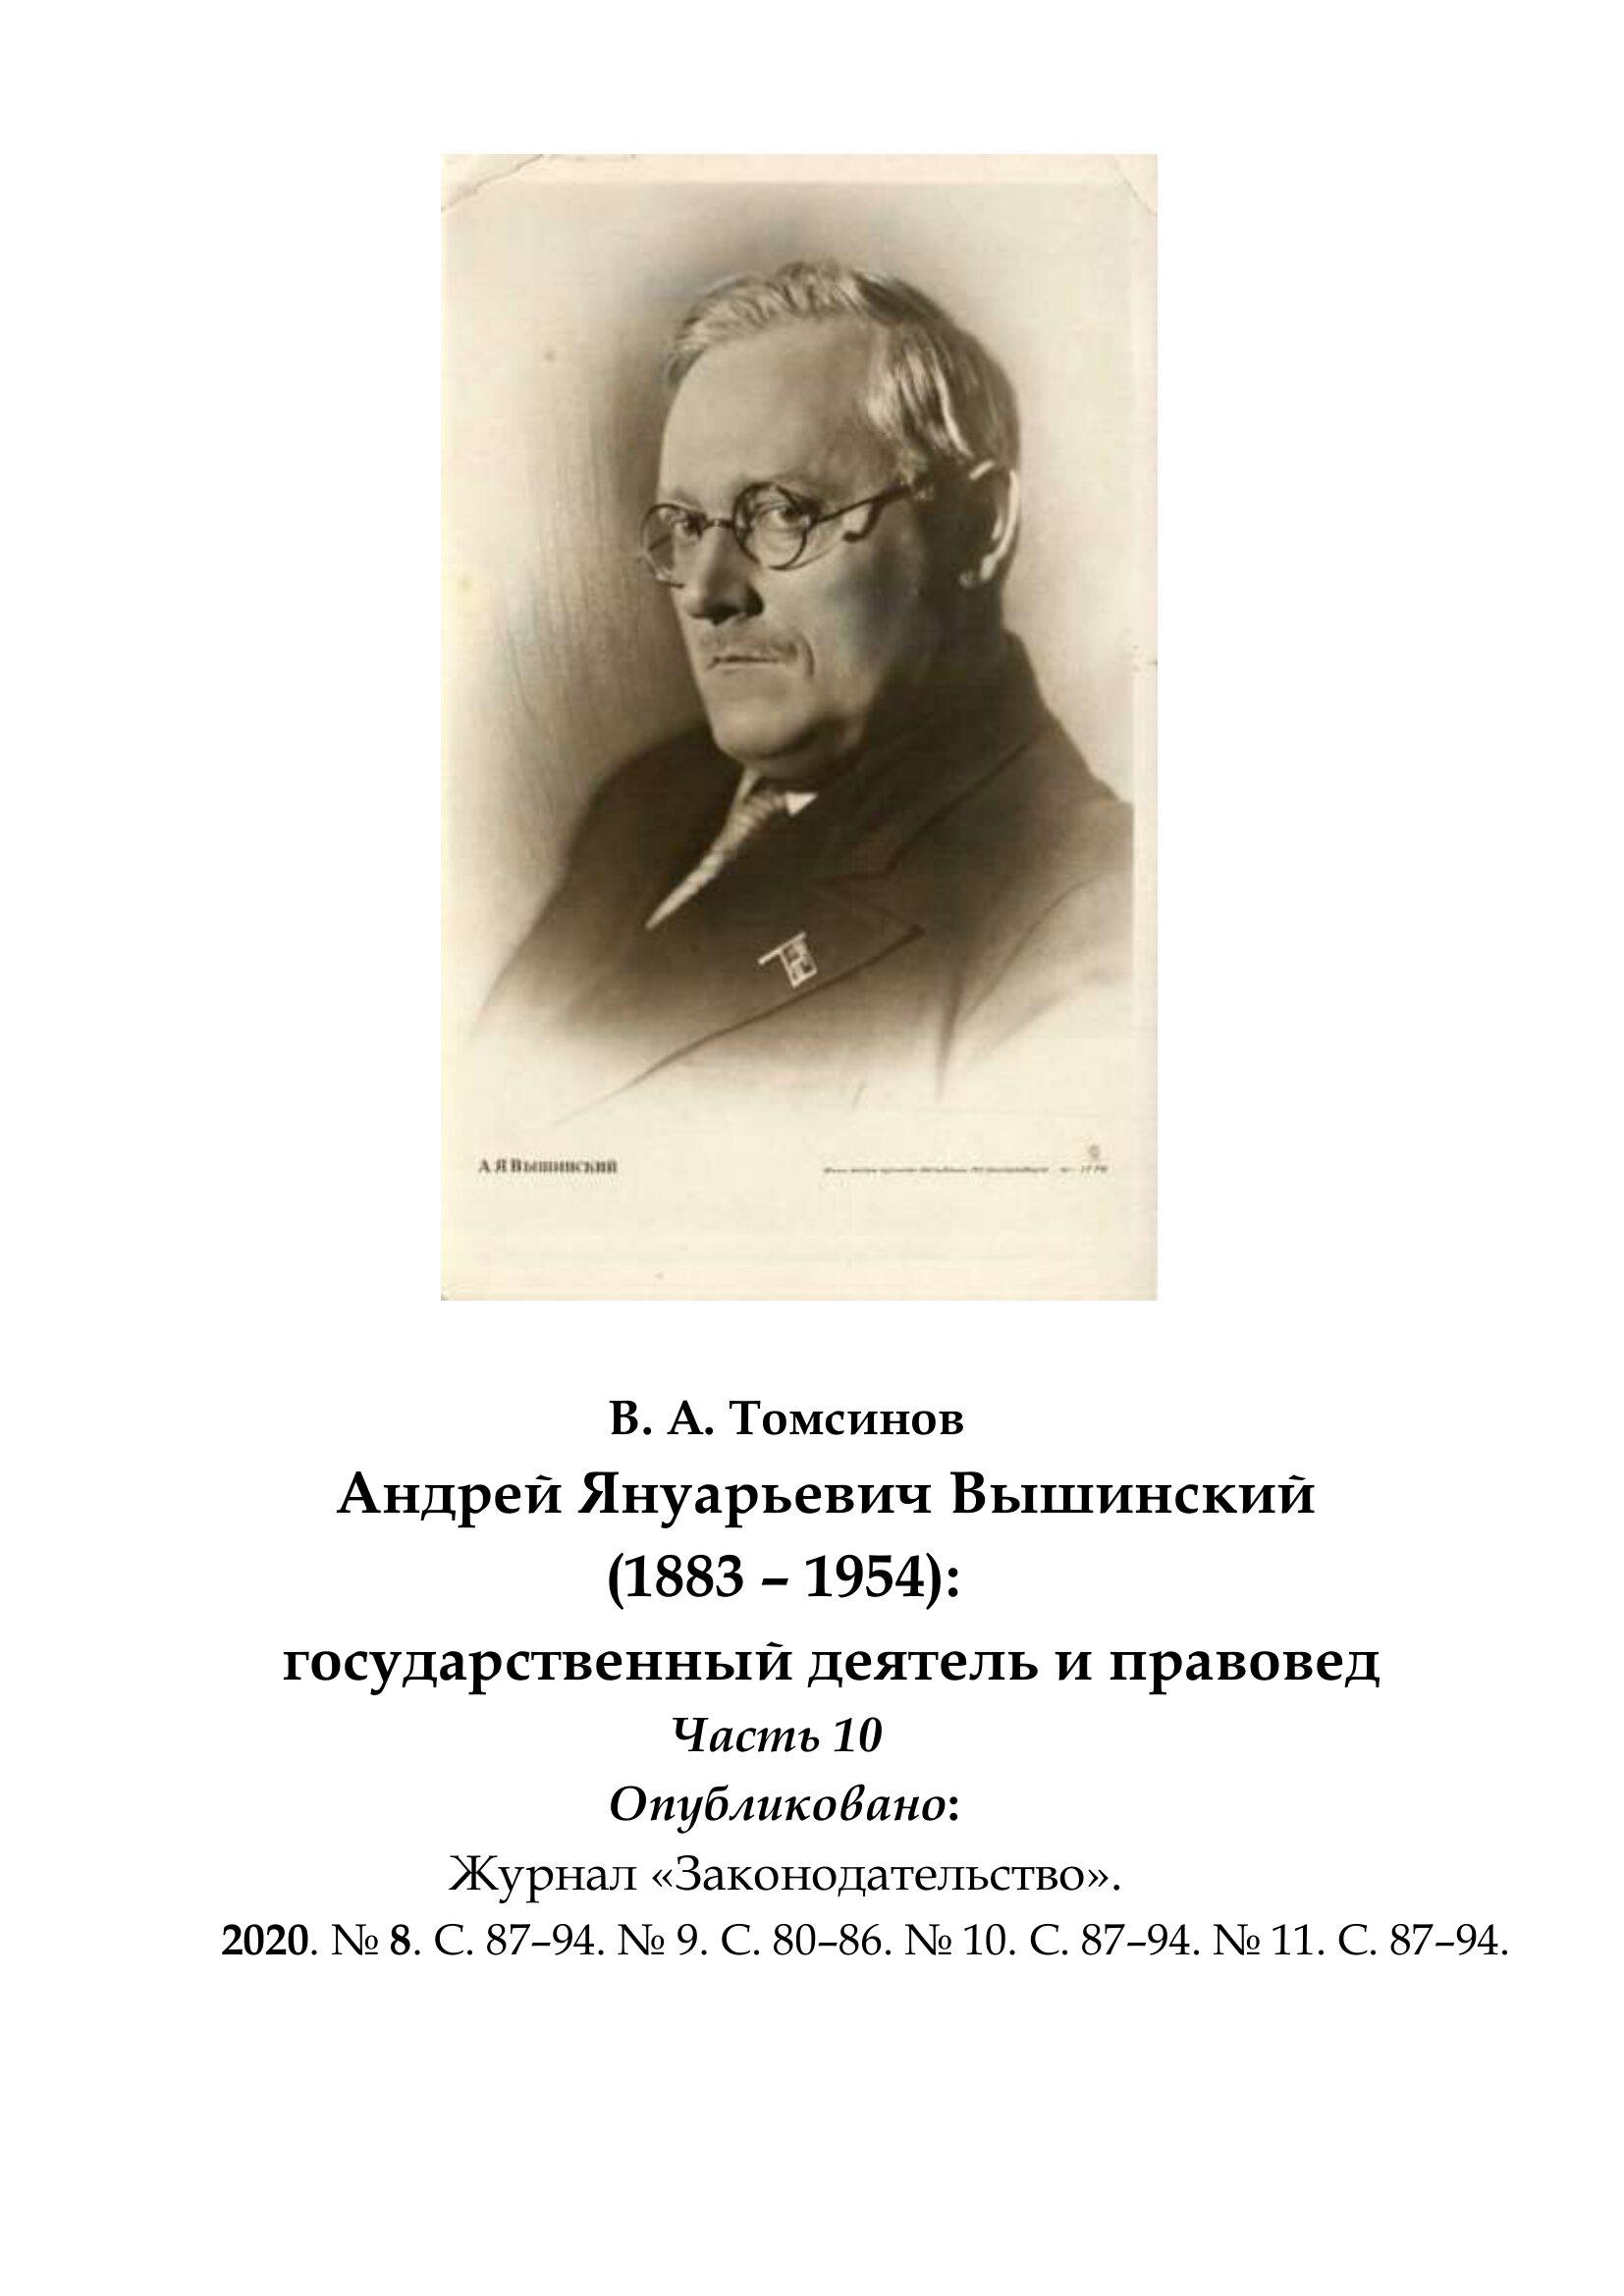 Томсинов В.А. Вышинский. Часть 10